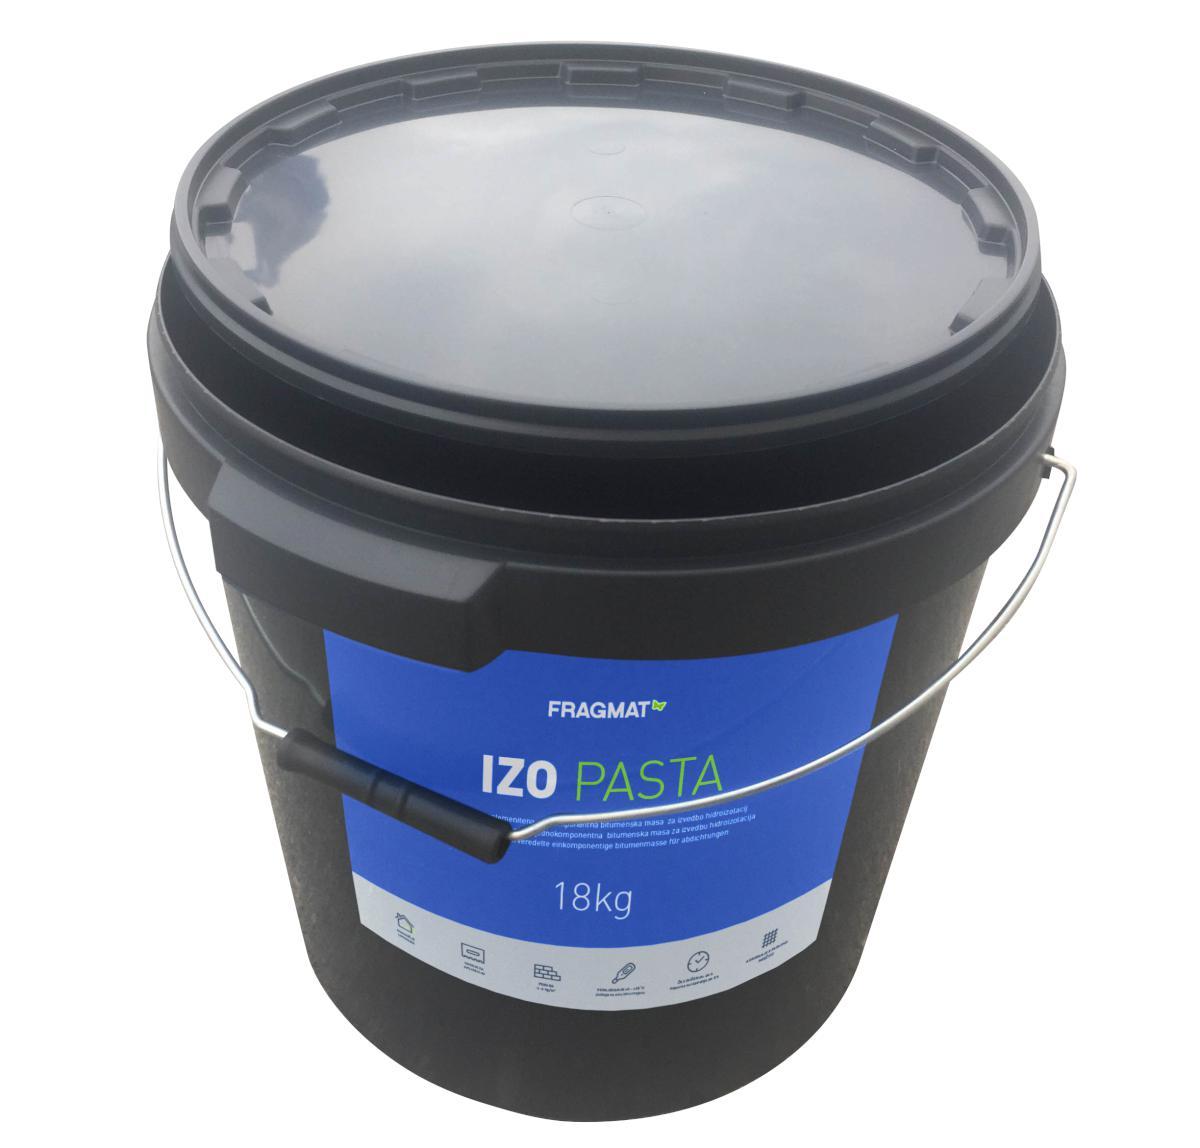 POLIMERBITUMENSKA PASTA FRAGMAT IZO PASTA, 5 kg